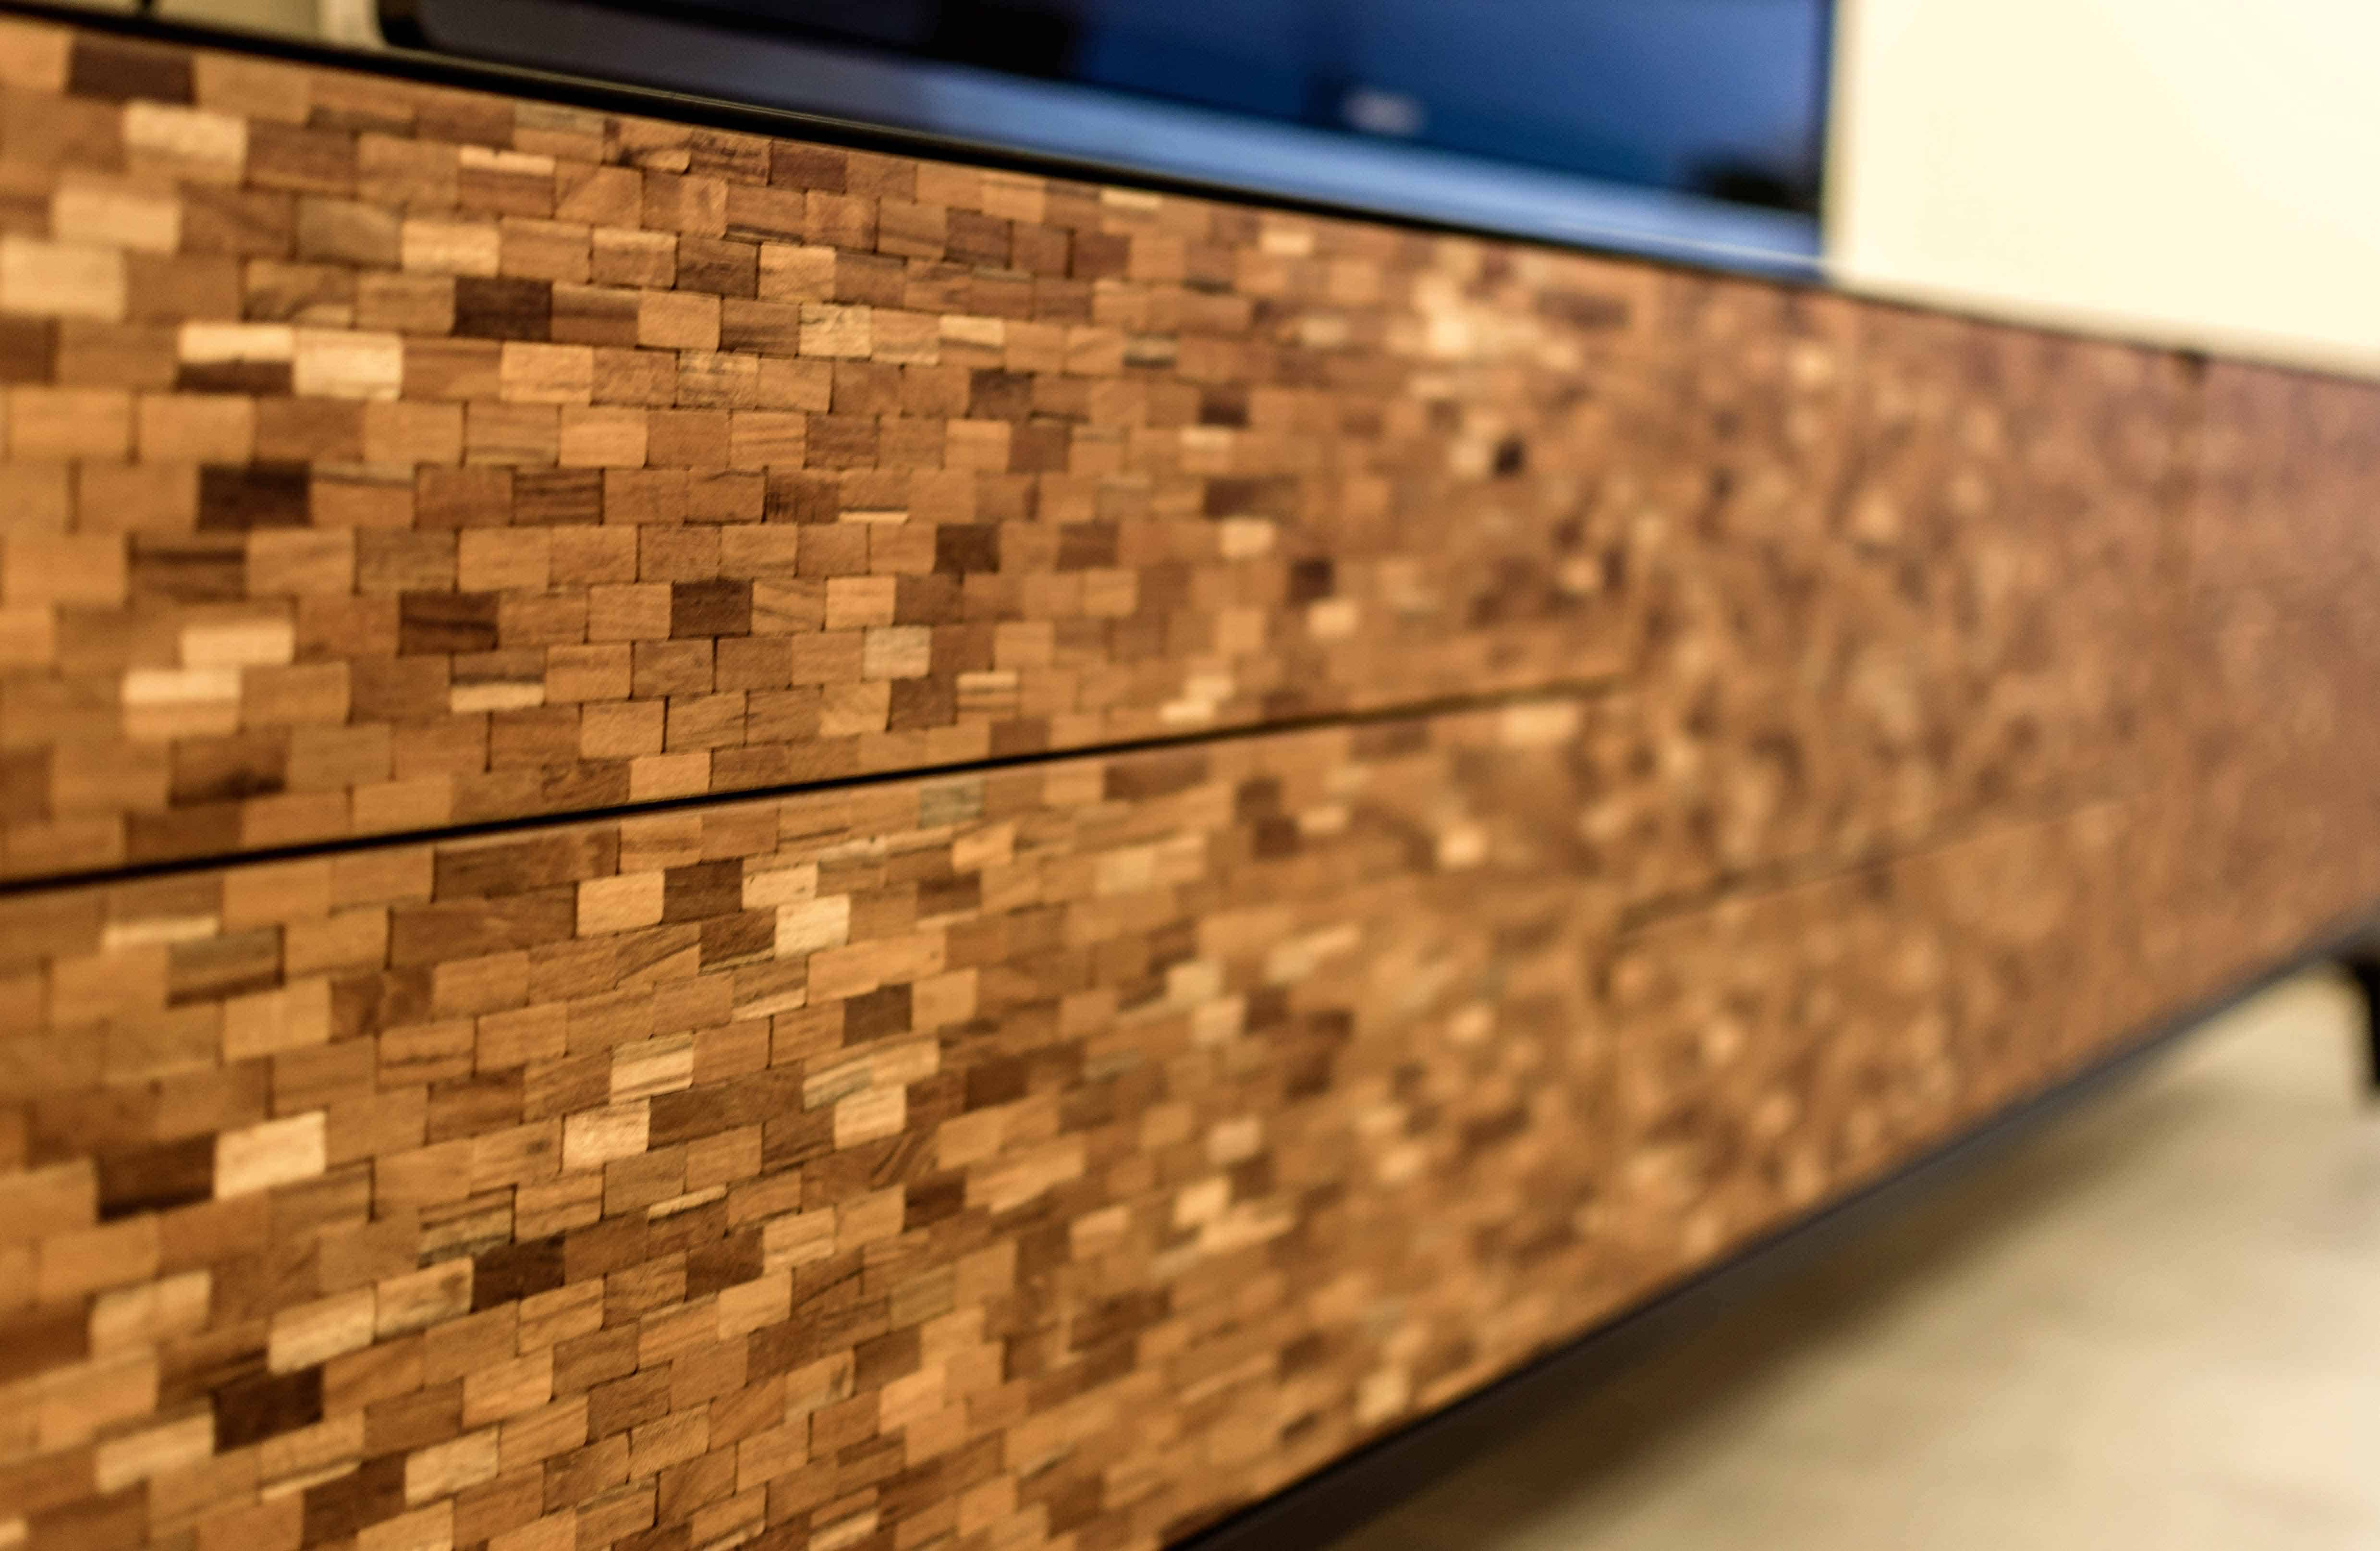 חזית שידת סלון עשויה ריבוועי עץ טיק בדירה בכפר סבא הירוקה - עיצוב פנים שירית דרמן